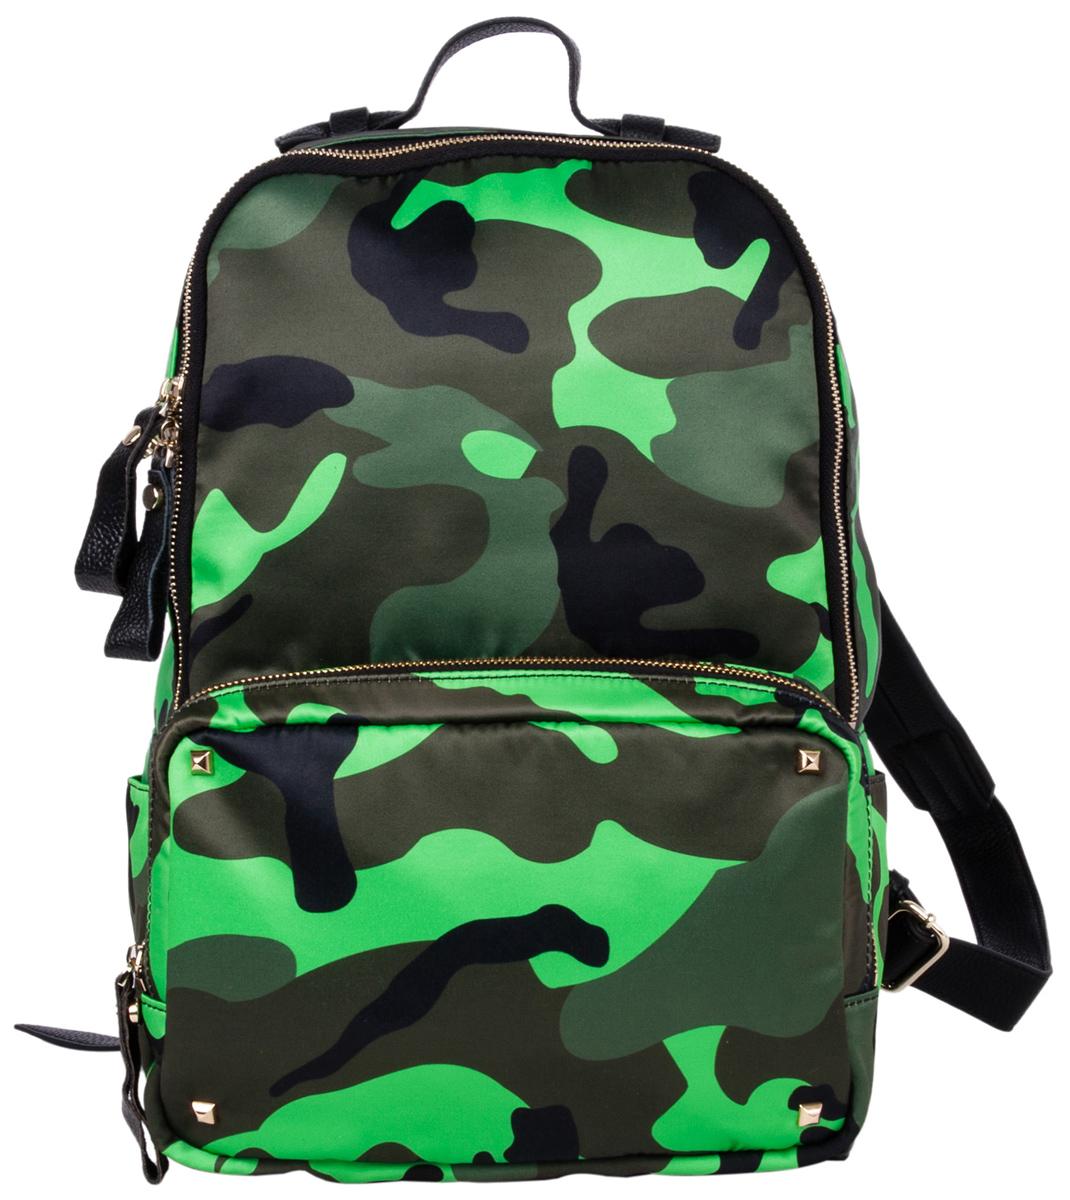 Рюкзак городской Pola, цвет: коричневый, зеленый, 16 л. 9040BP-001 BKСтильный женский рюкзак этого сезона - идеальное решение для города и путешествий. Центральный отсек предназначен для персональных вещей. Внутри - карман на молнии и два открытых кармашка. Снаружи - накладной карман на молнии спереди рюкзака. Мягкие кожаные лямки с регулируемой длиной.